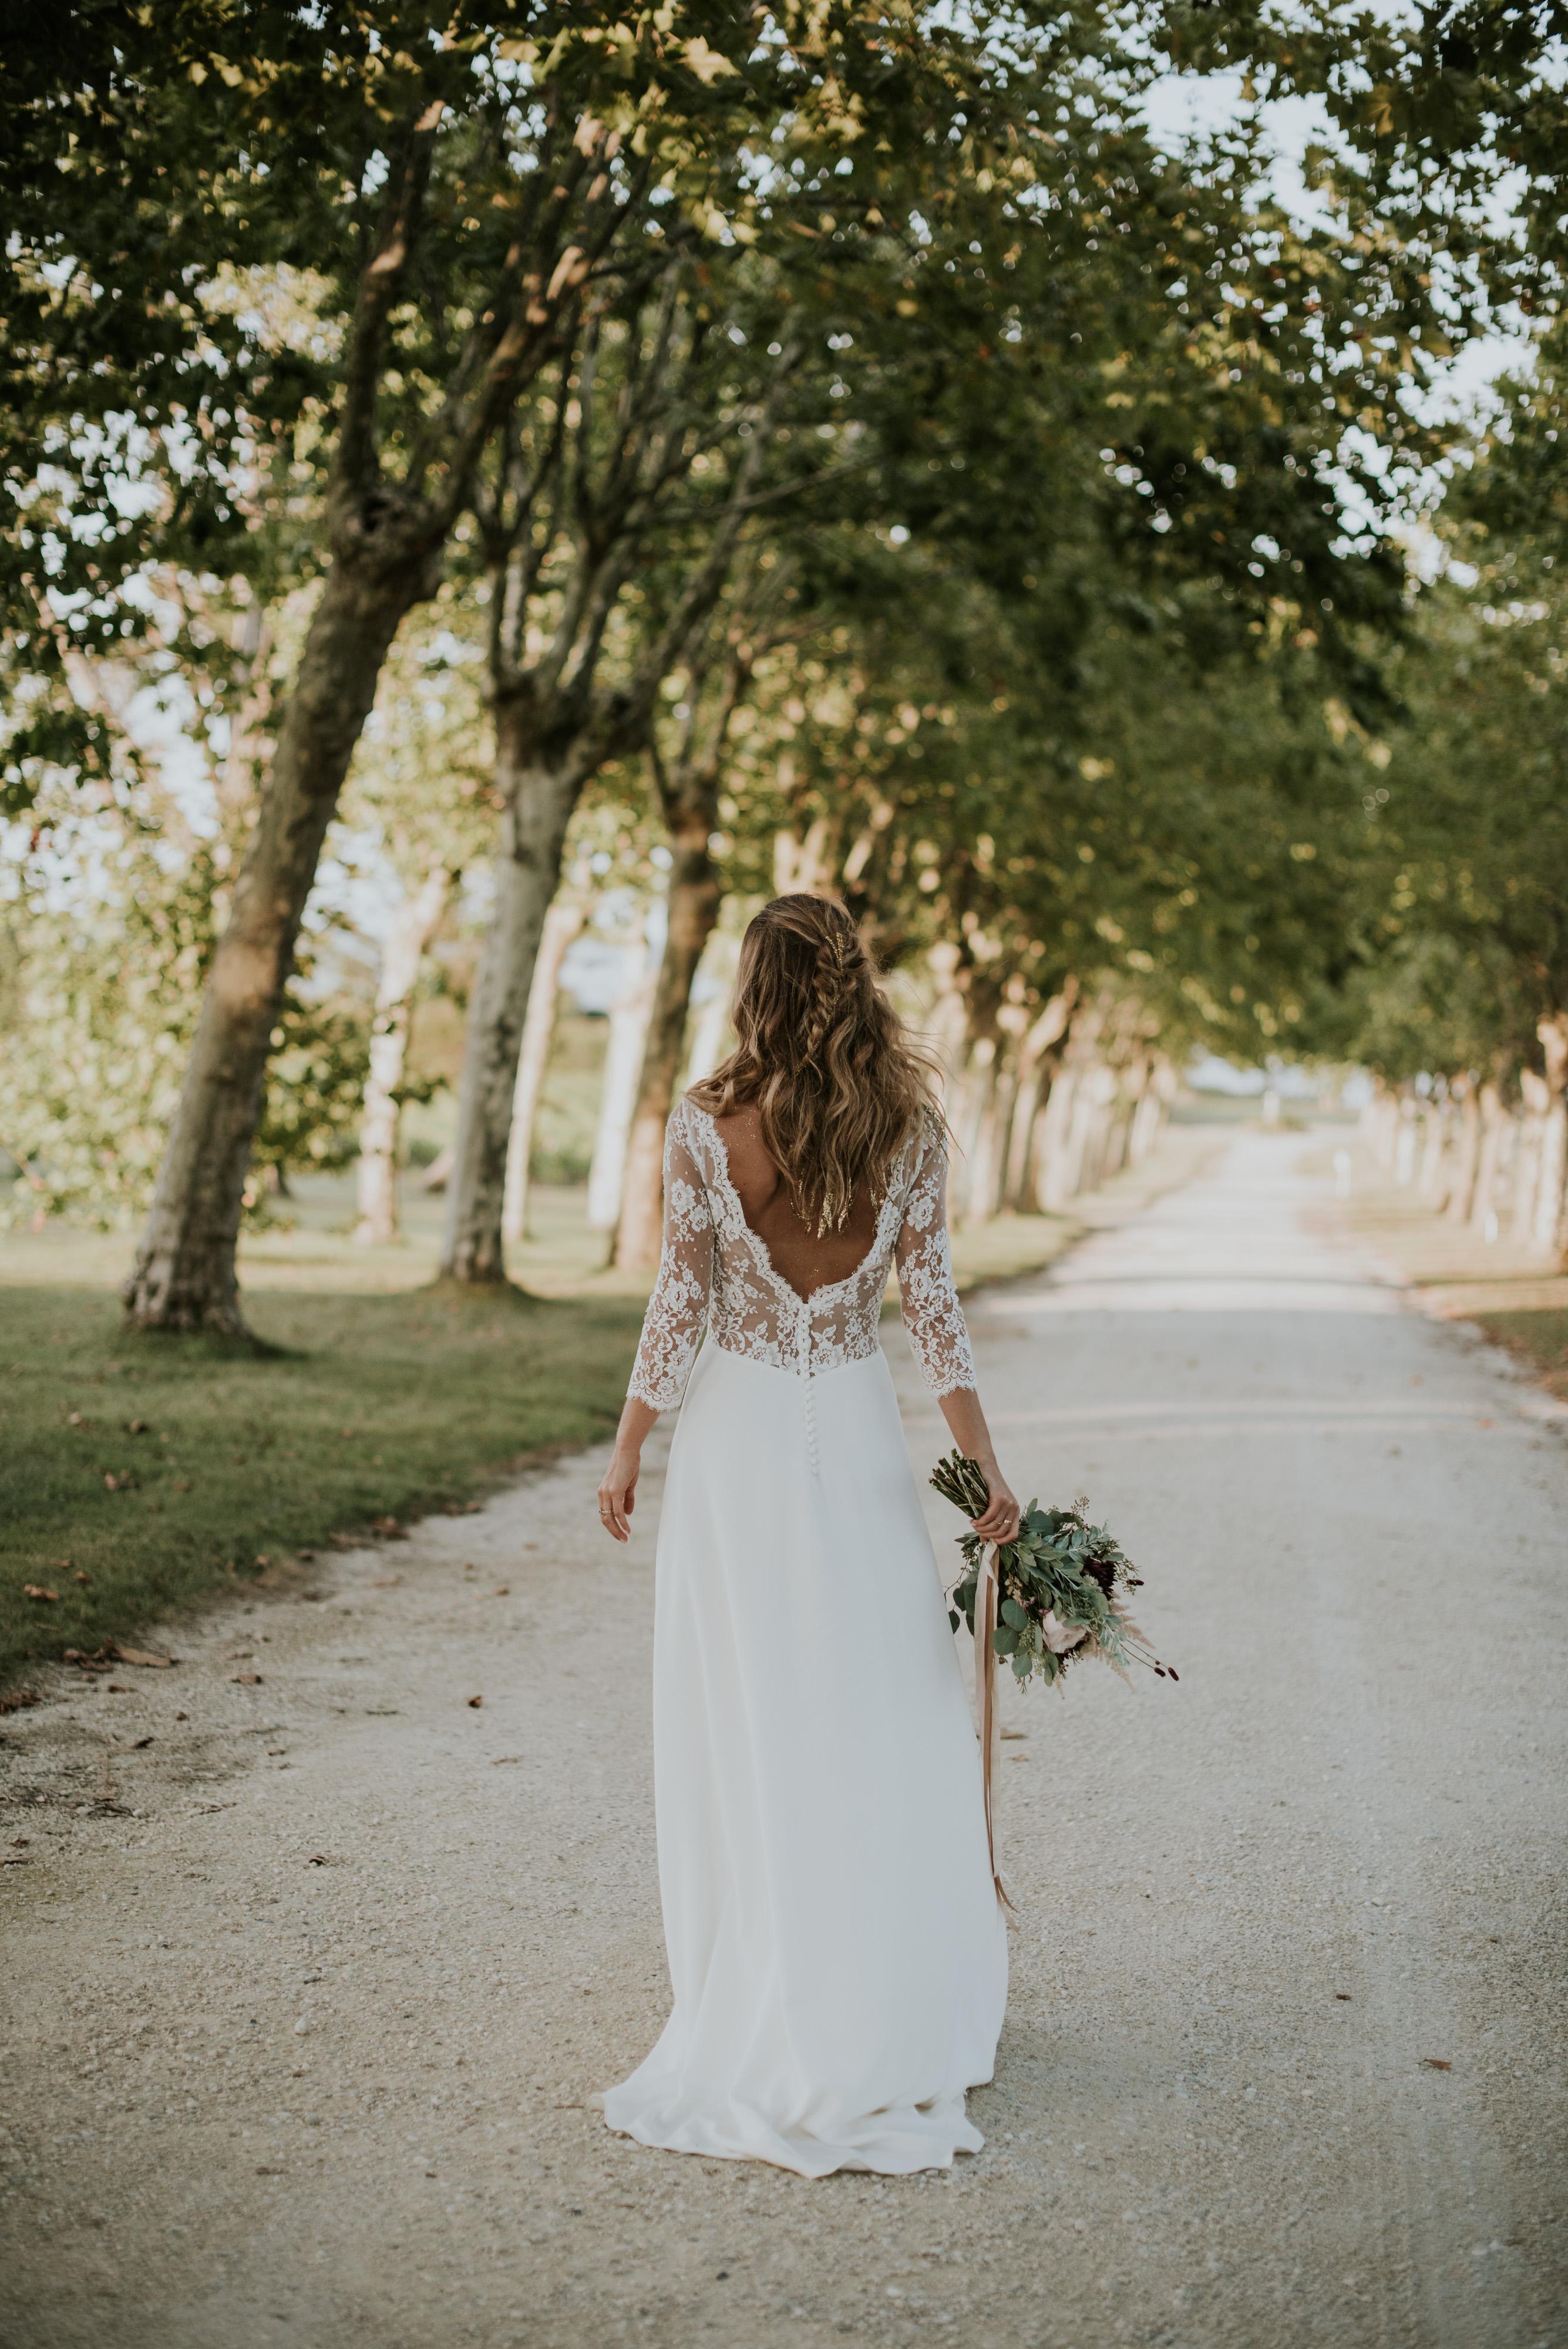 robe dentelle boheme, bouquet champetre, coiffure boheme bordeaux, tresse boheme, or dans les cheveux